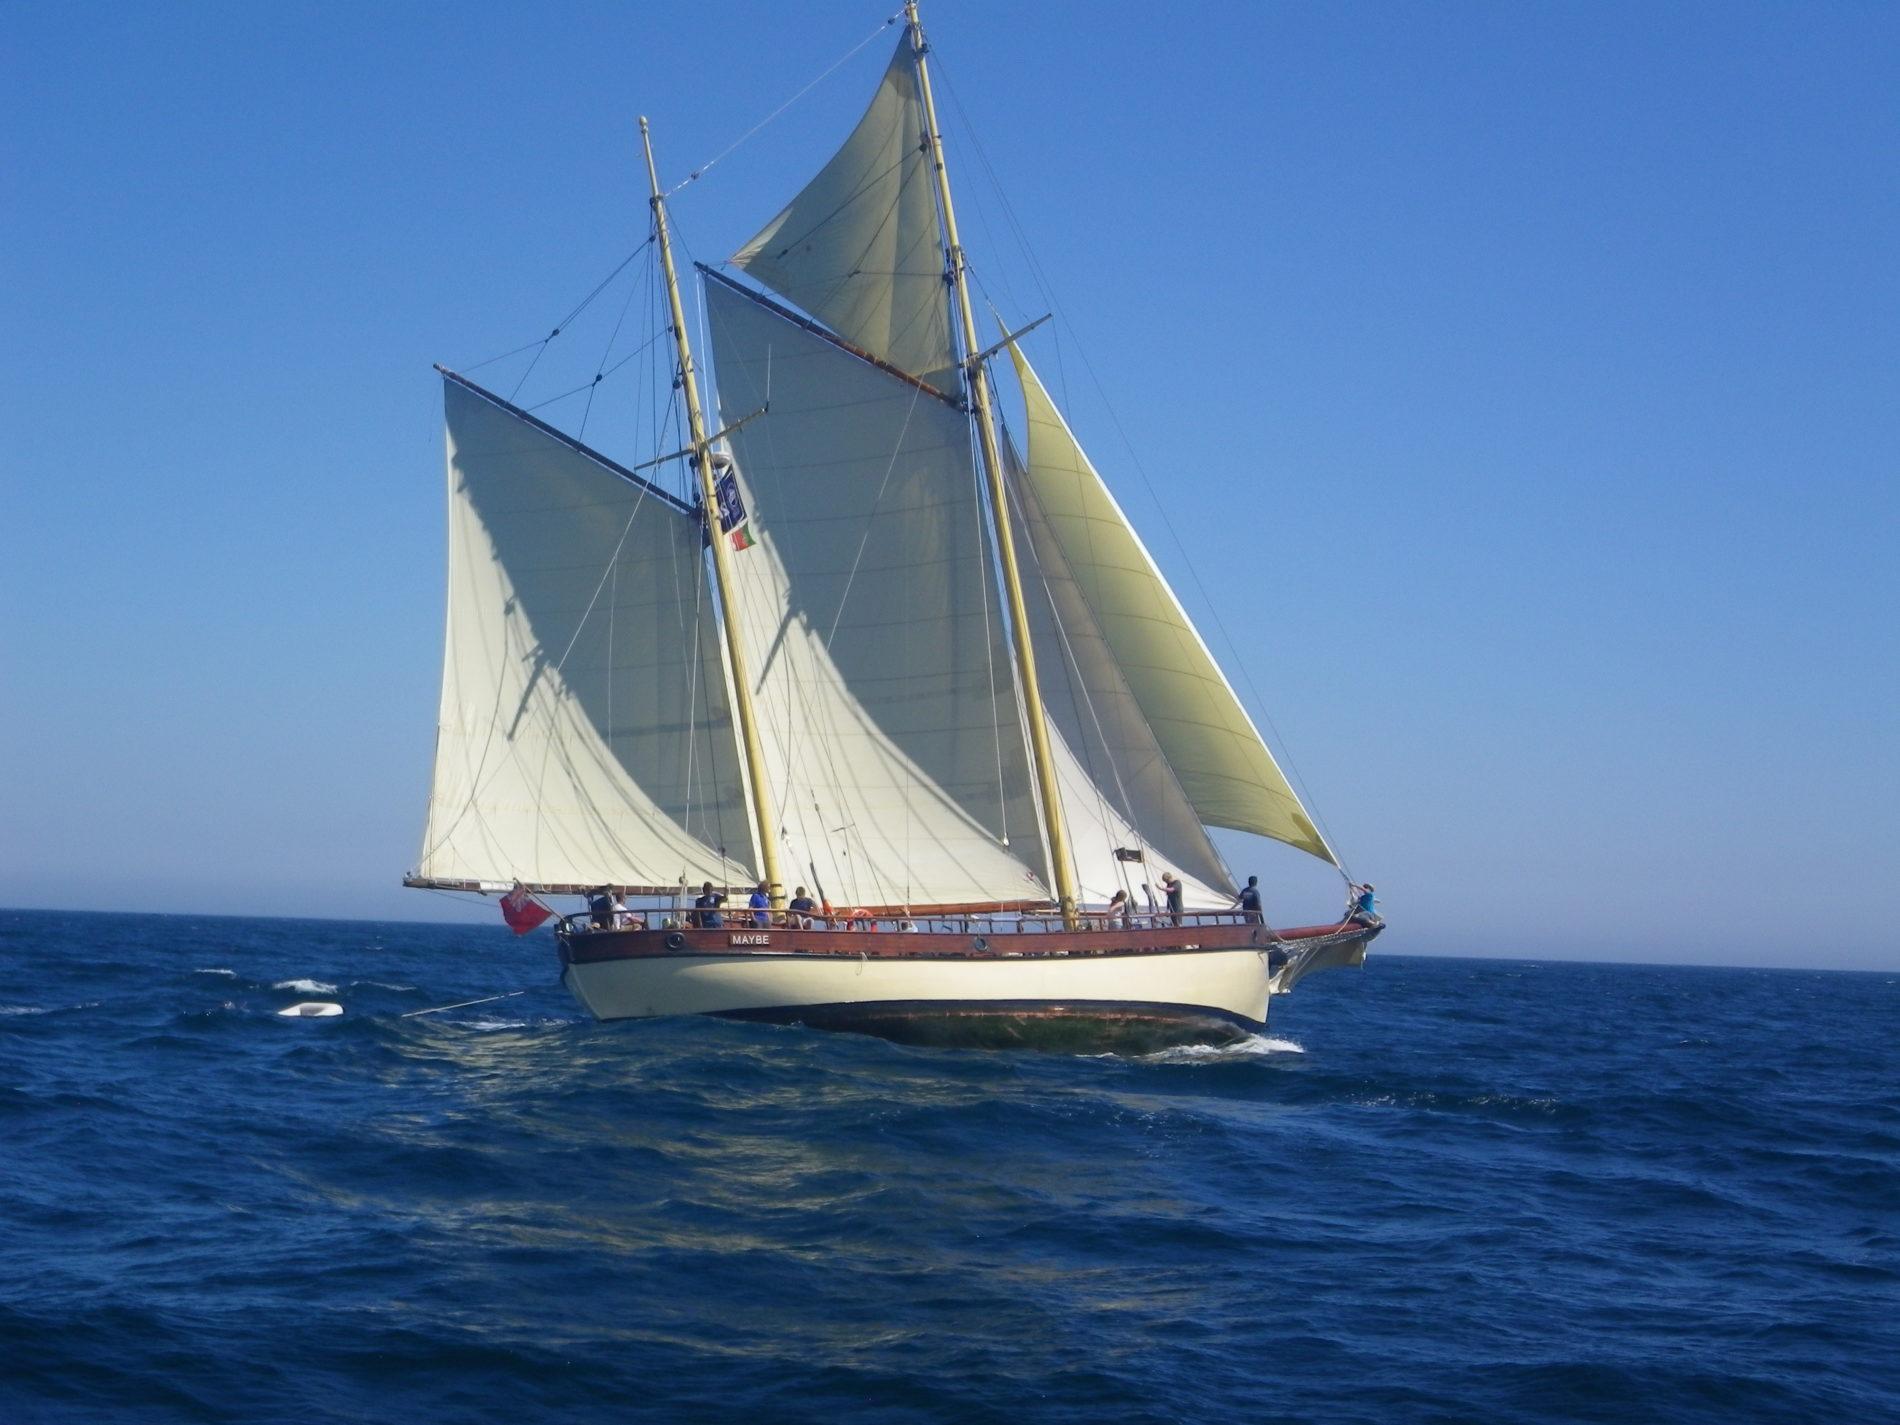 Maybe Sailing ligt schuin in het water en heeft de wind in de zeilen